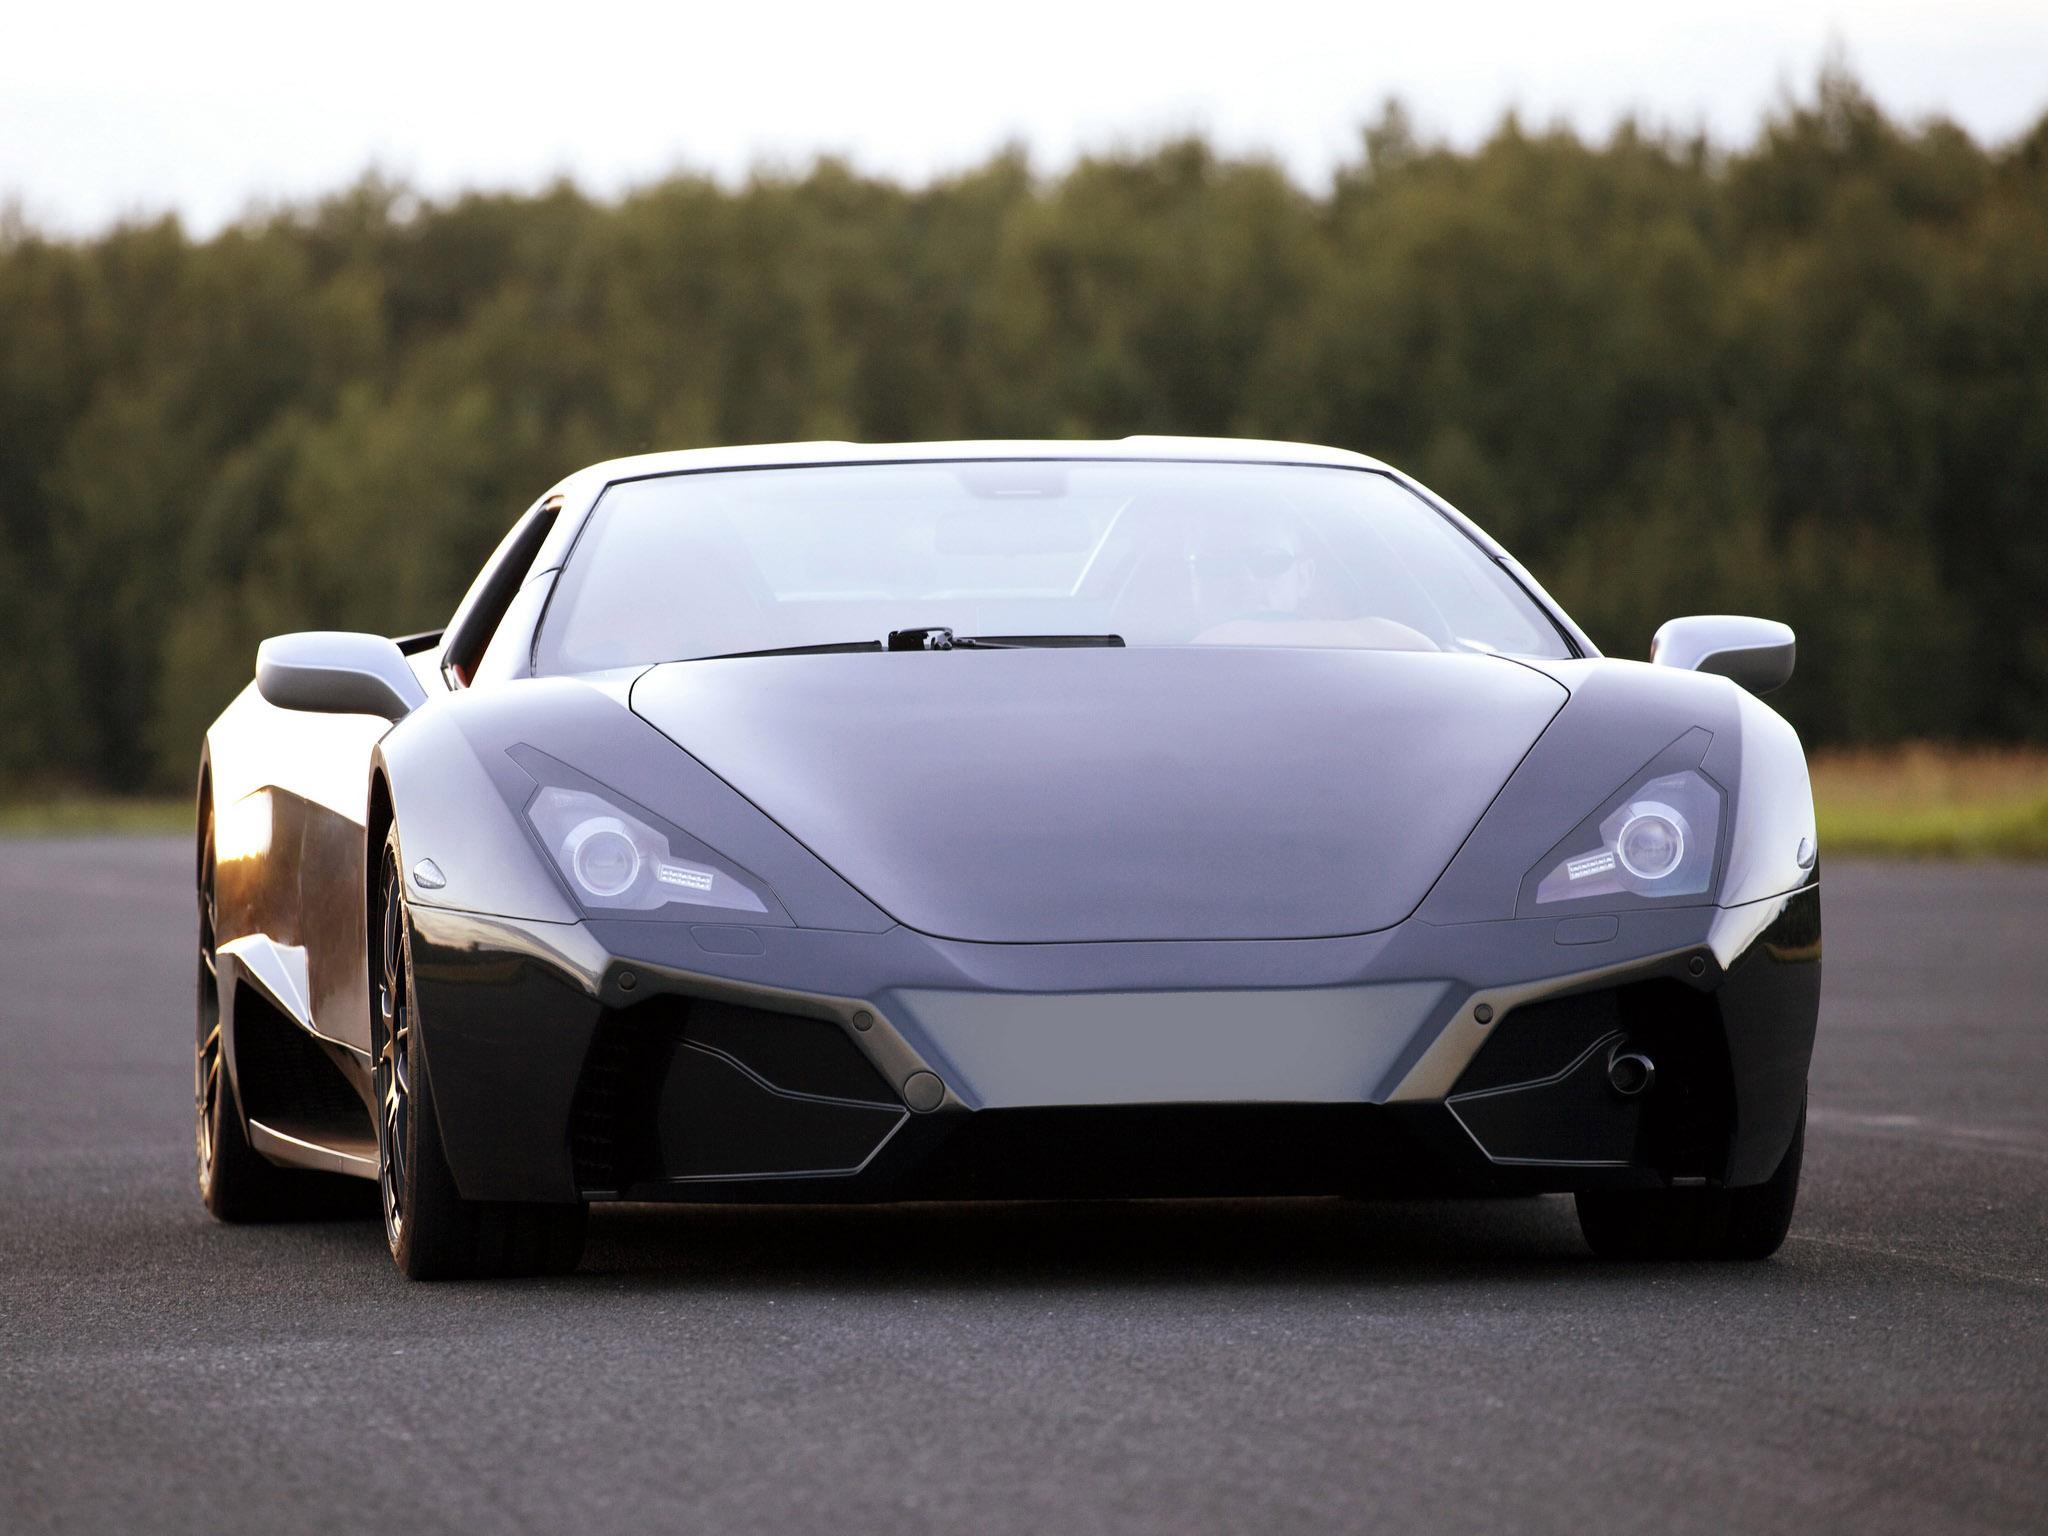 Beautiful Car Design Concept: New Design Arrinera Venocara Supercar